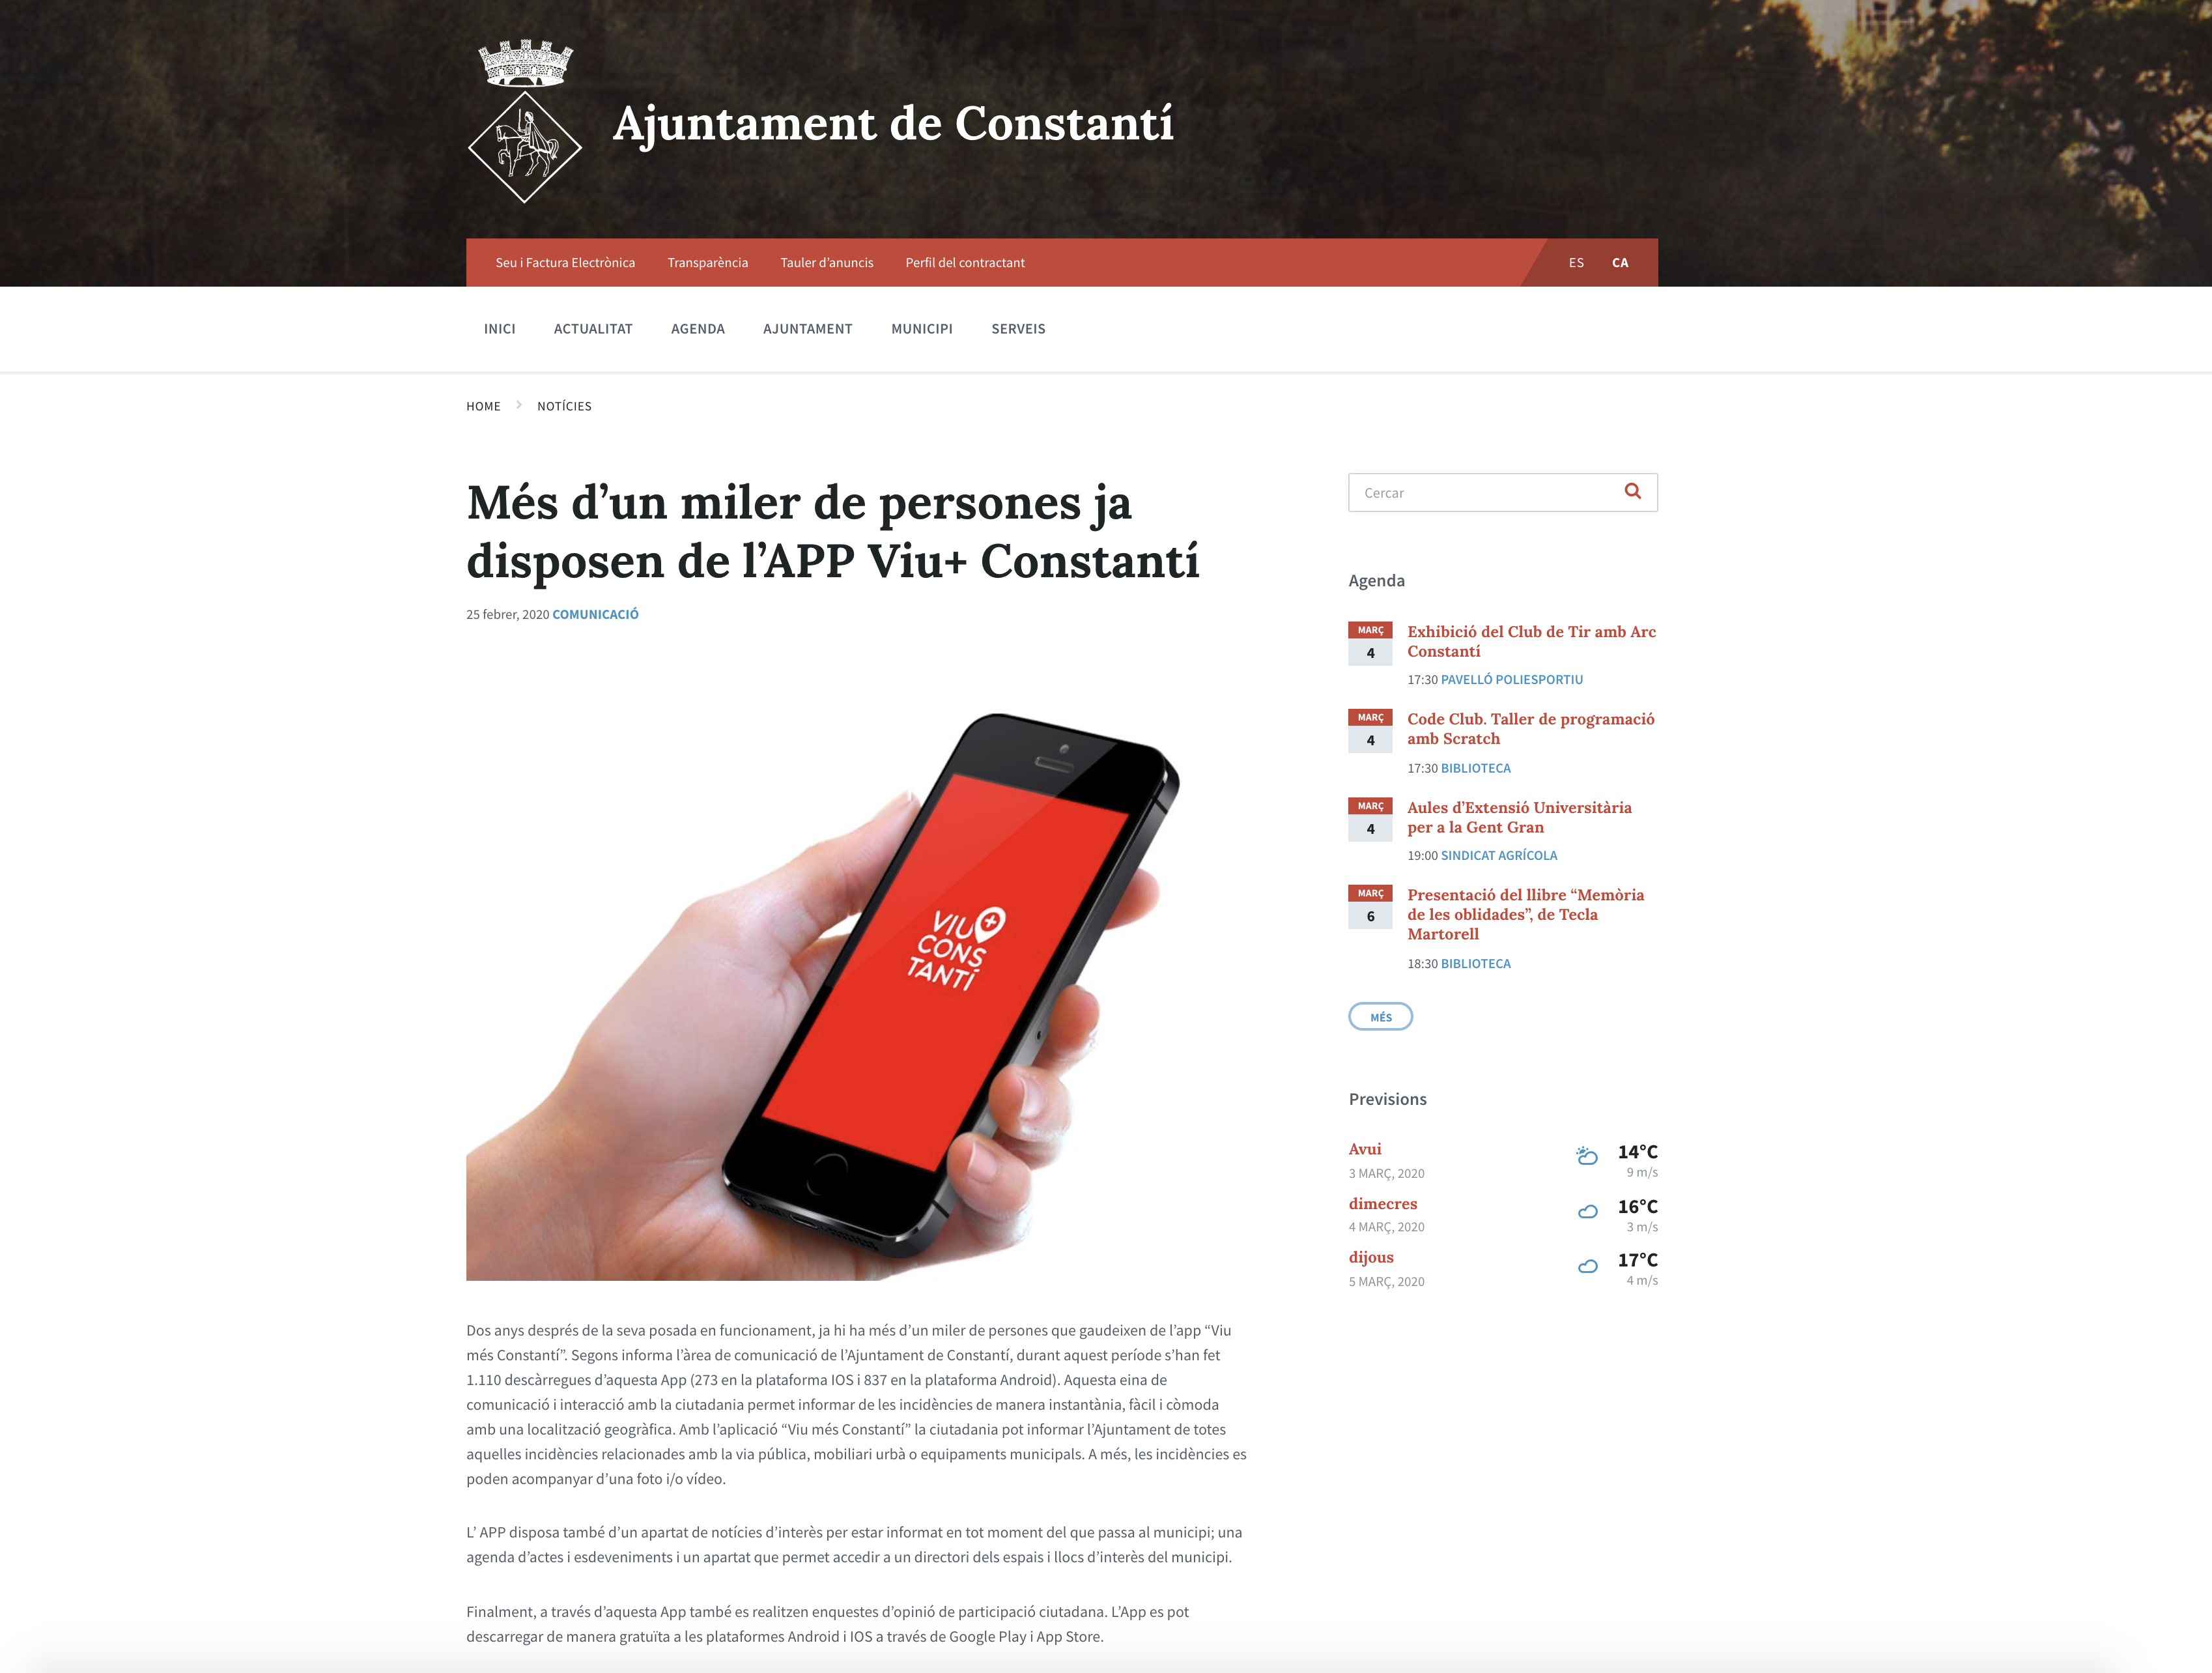 Més d'un miler de persones ja disposen de l'APP Viu+ Constantí